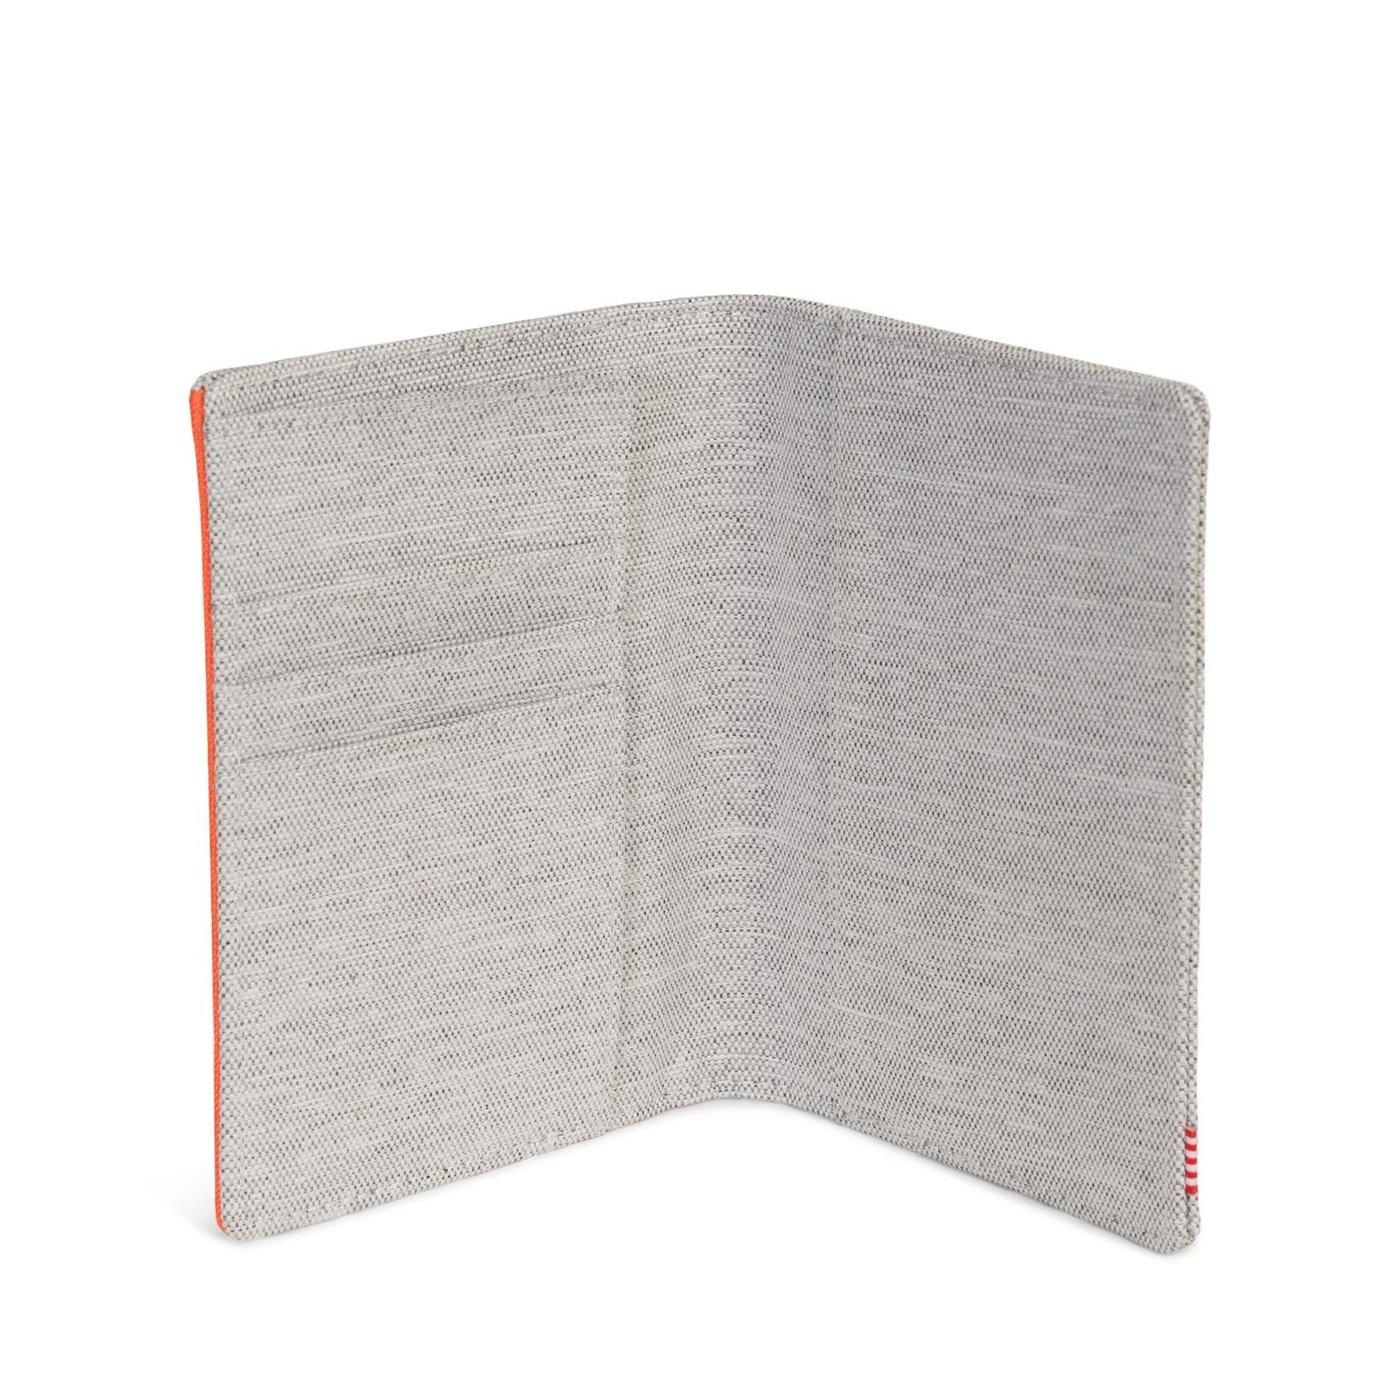 Herschel Raynor Unisex Turuncu - Gri Pasaport Cüzdanı